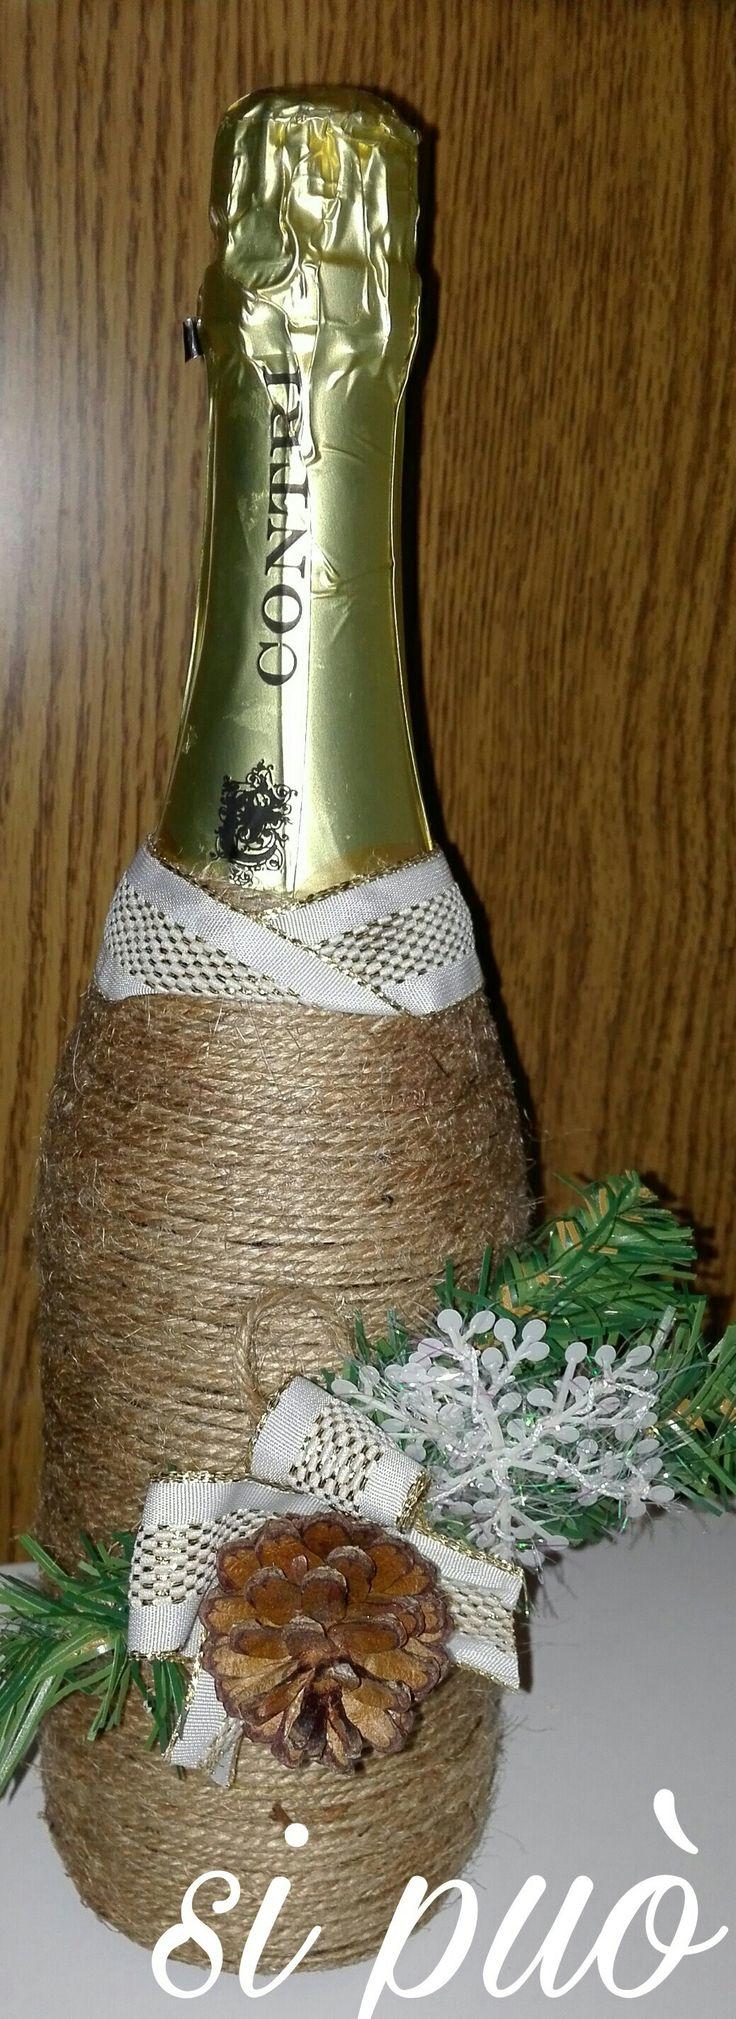 bottigli di spumante avvolta da spago e decorata con nastro